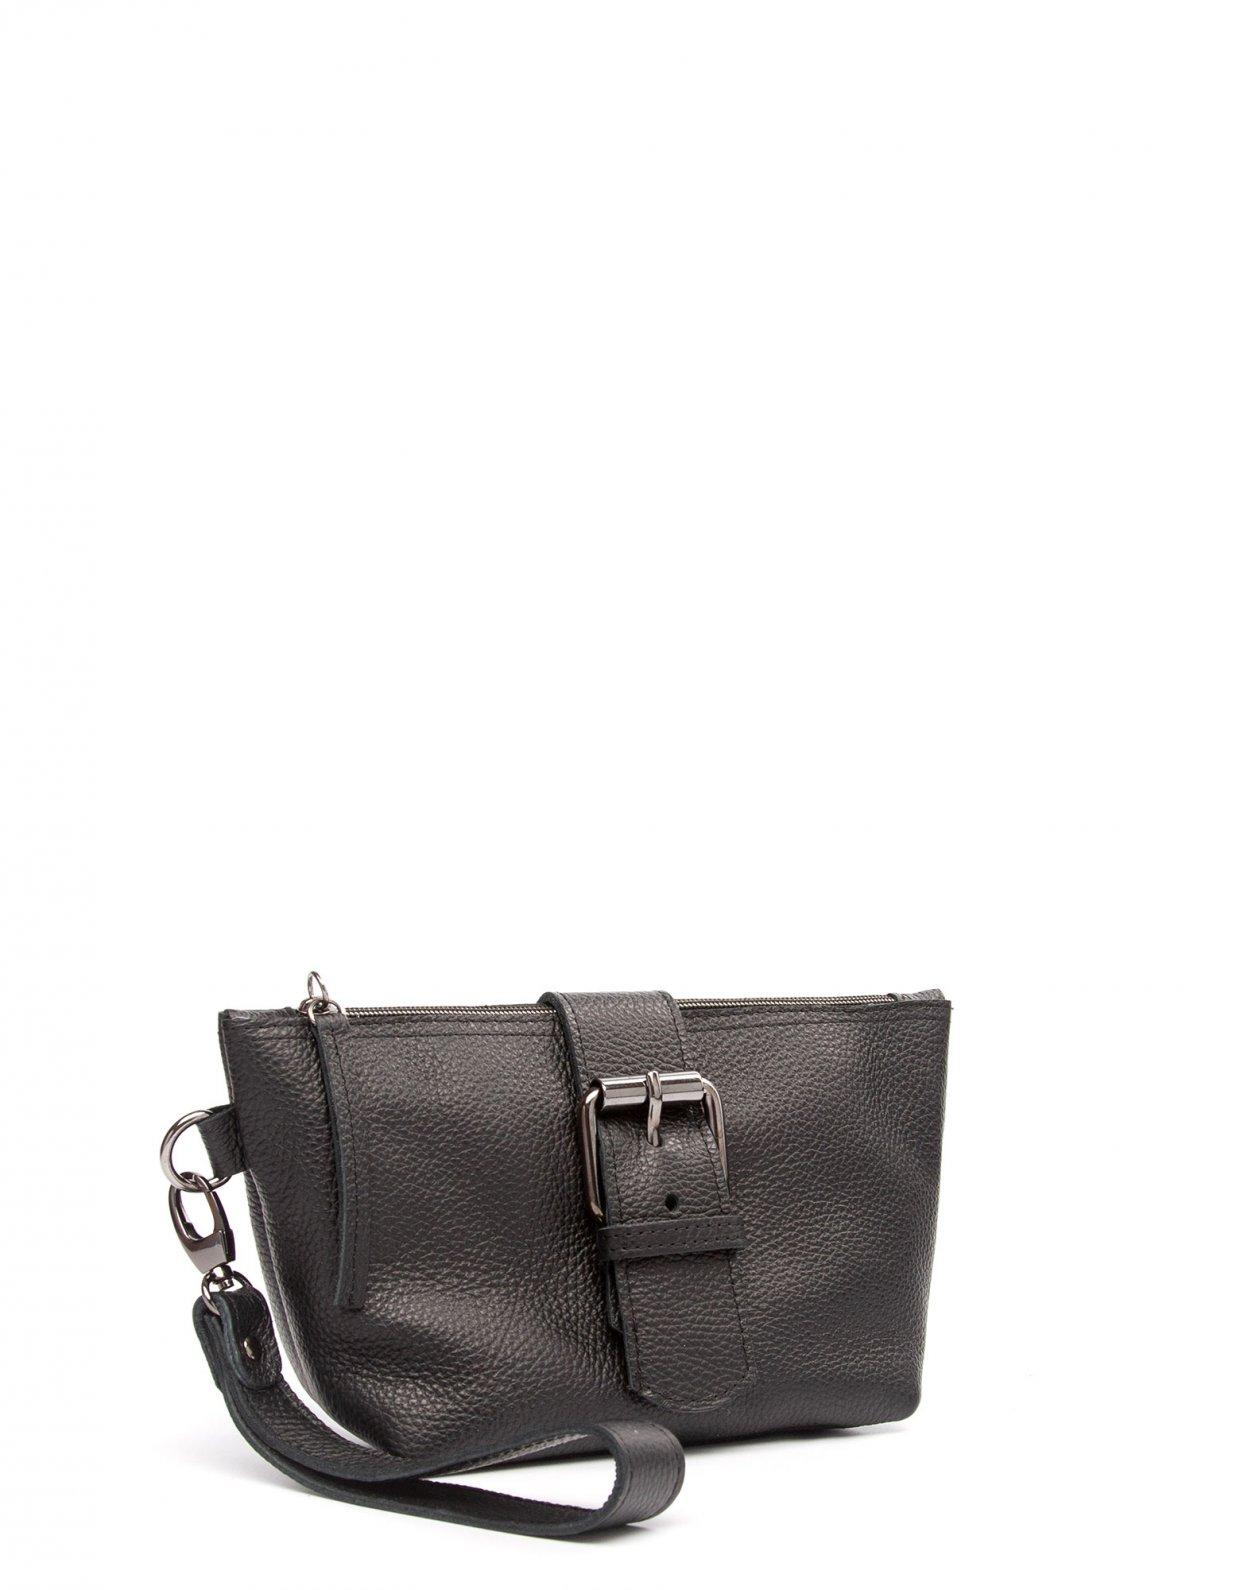 Elena Athanasiou Day to evening clutch bag black